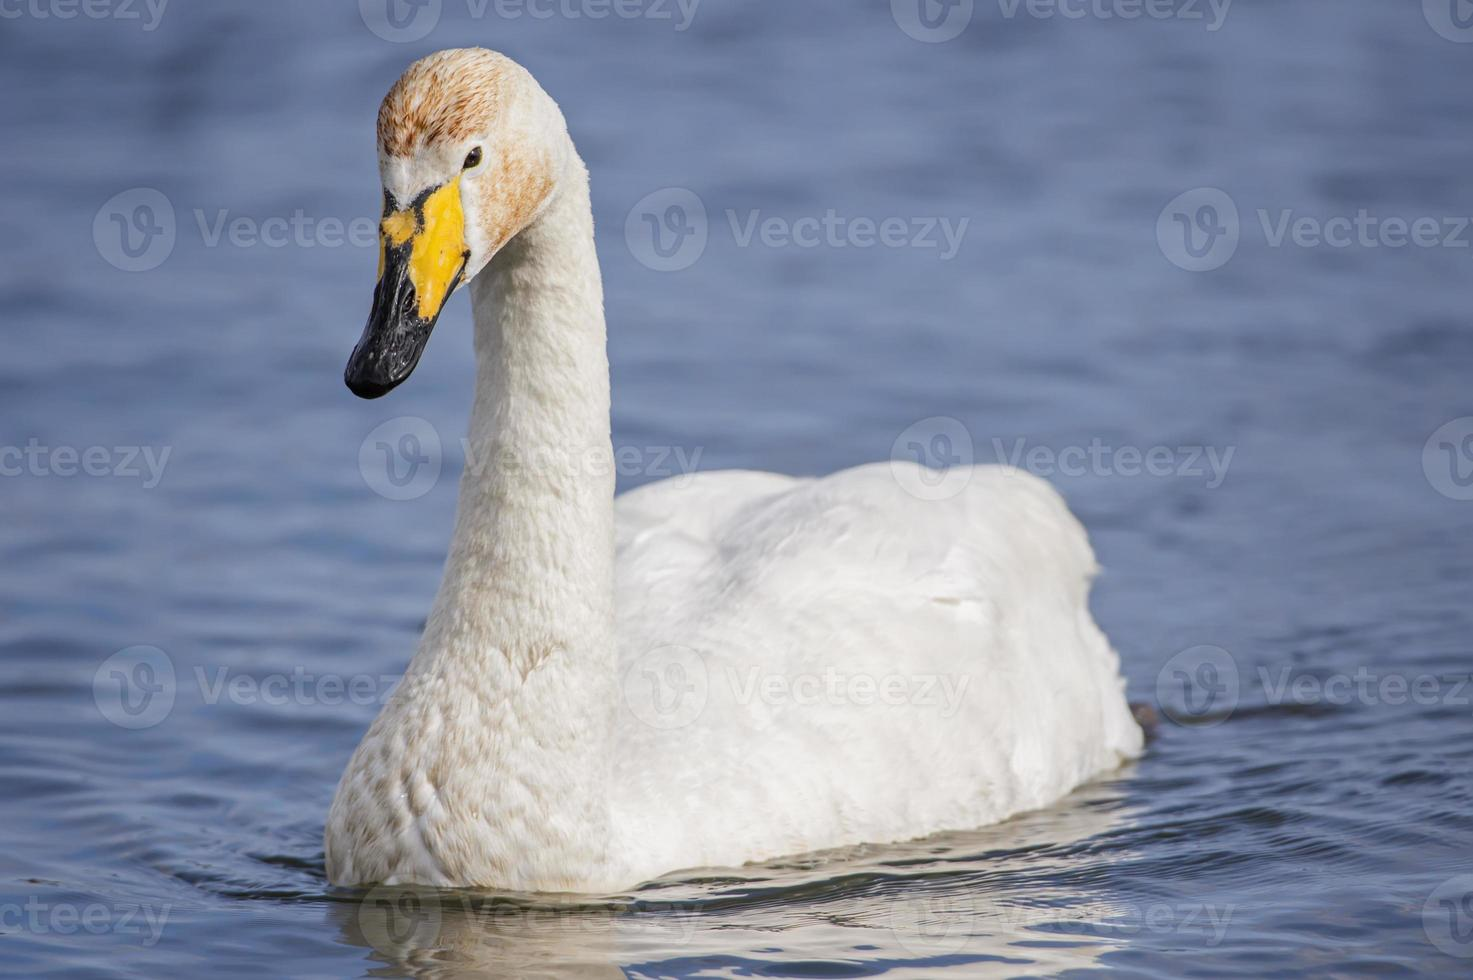 cisne-bravo, cygnus cygnus, nadar em um lago, close-up foto